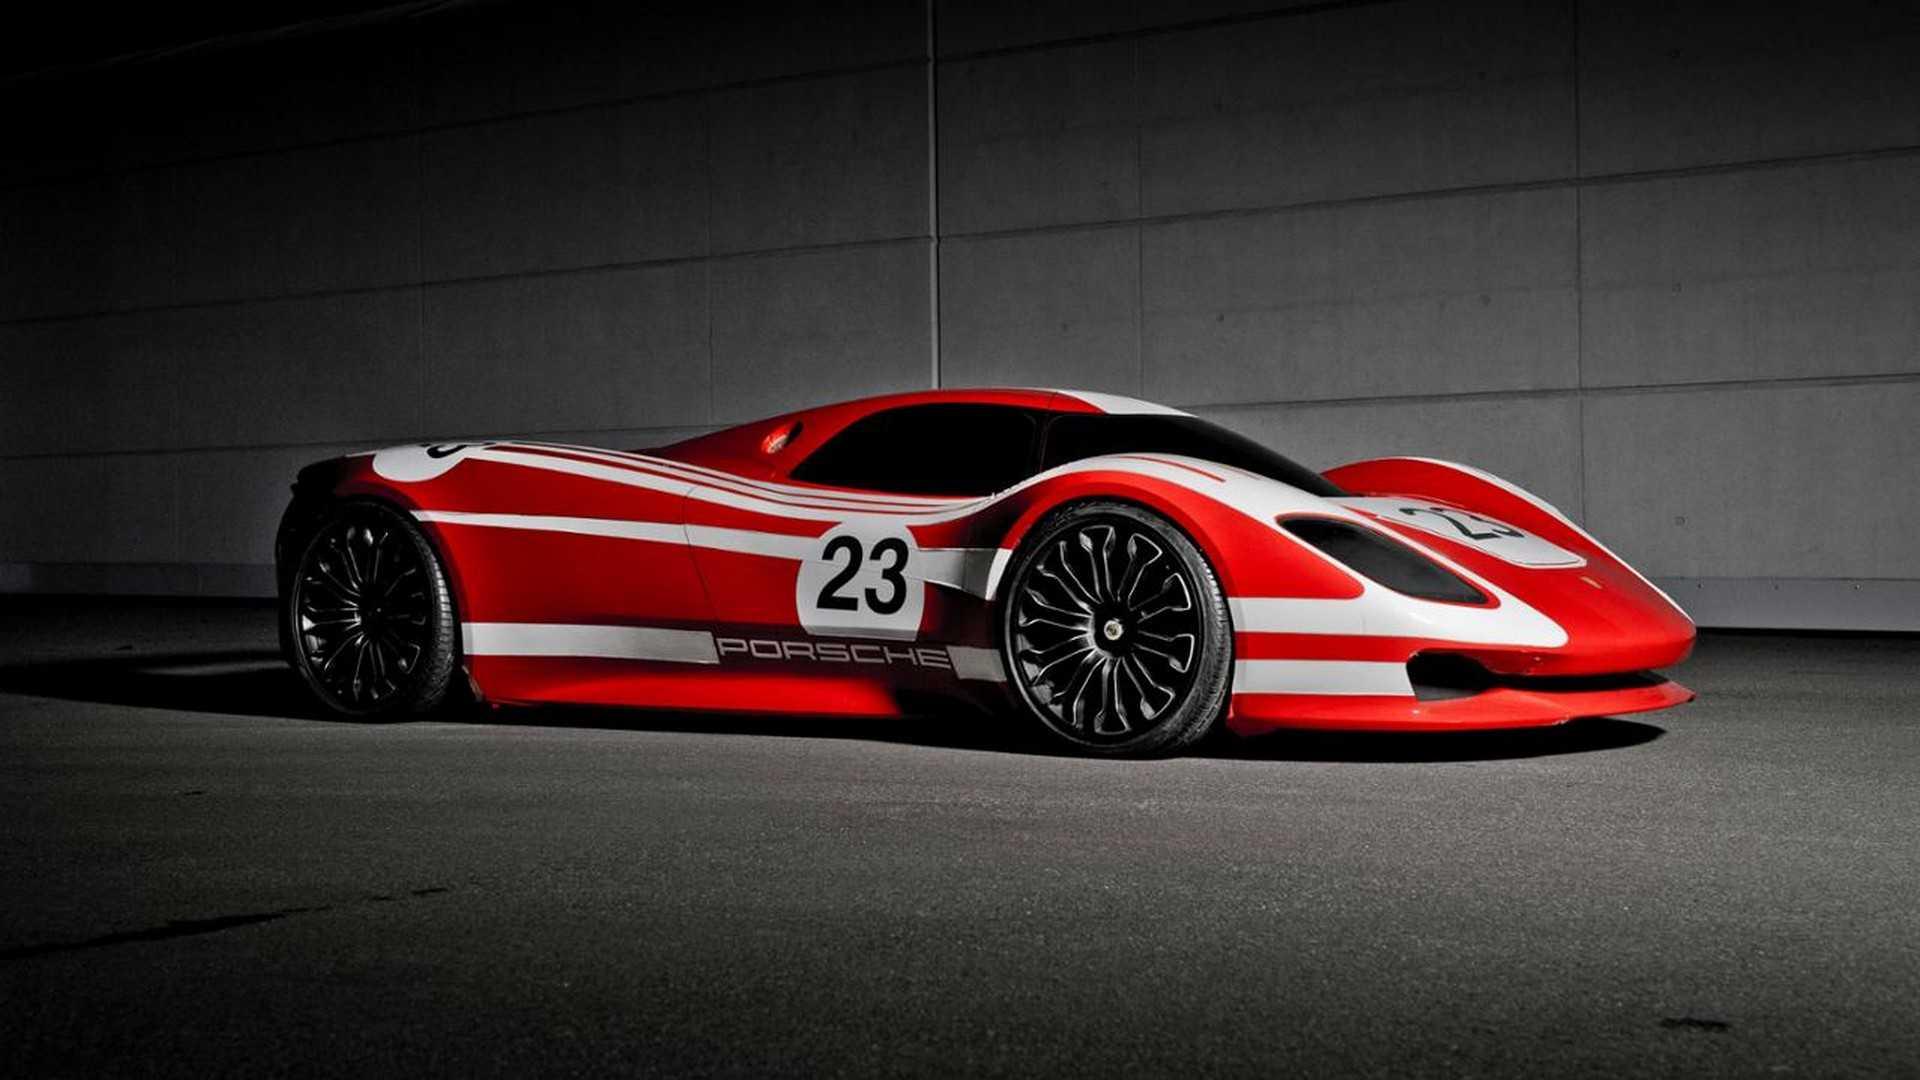 Da li će novi Porscheov hiperautomobil biti futuristički ili retro?